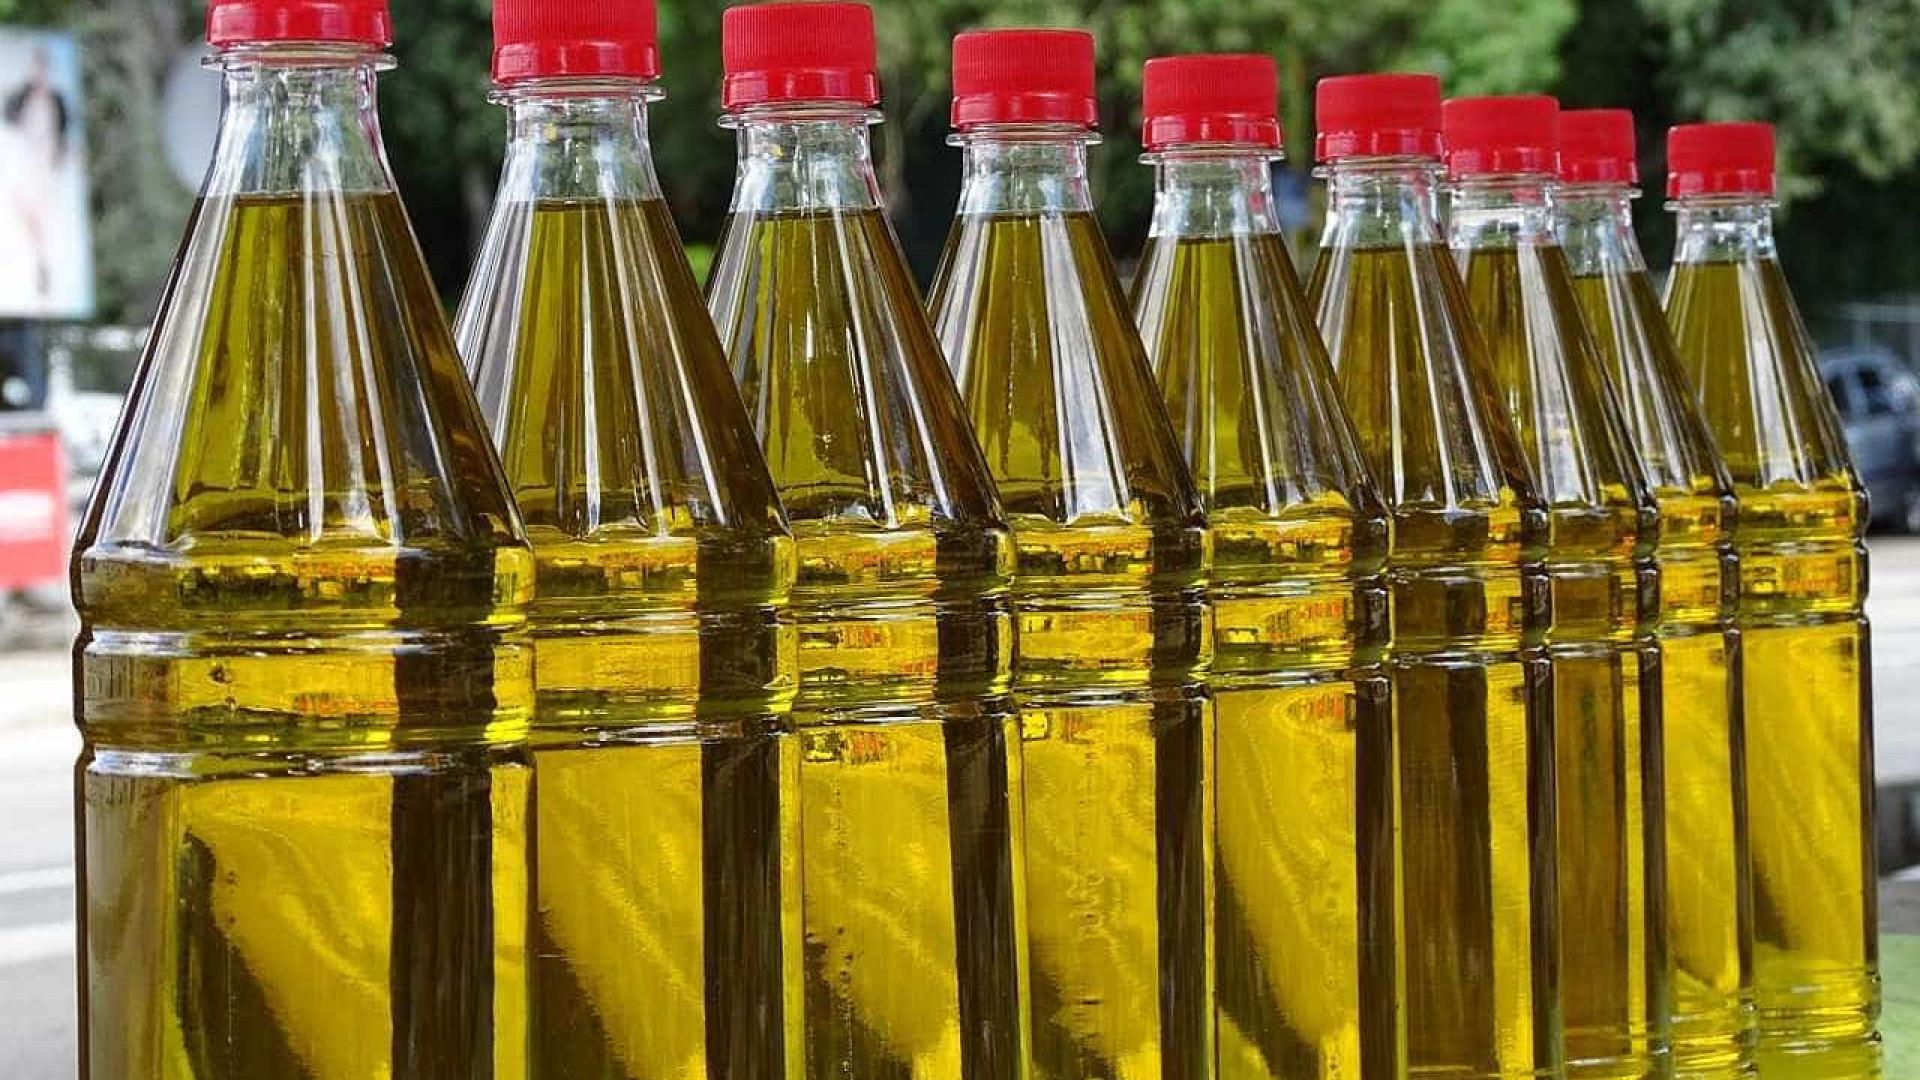 Agricultura suspende venda de 33 marcas de azeite por adulteração